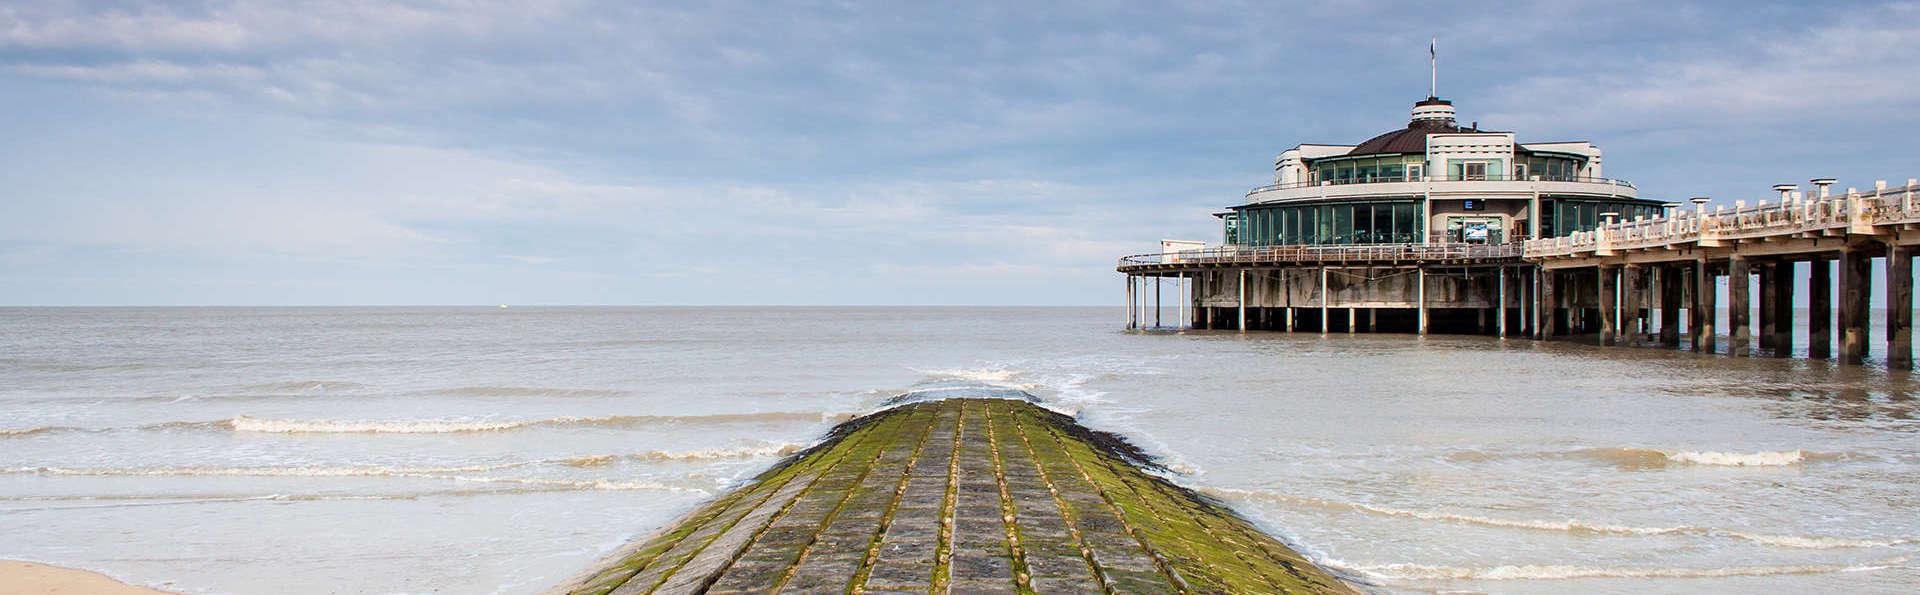 Découvrez la côte belge avec cava et plage à Blankenberge